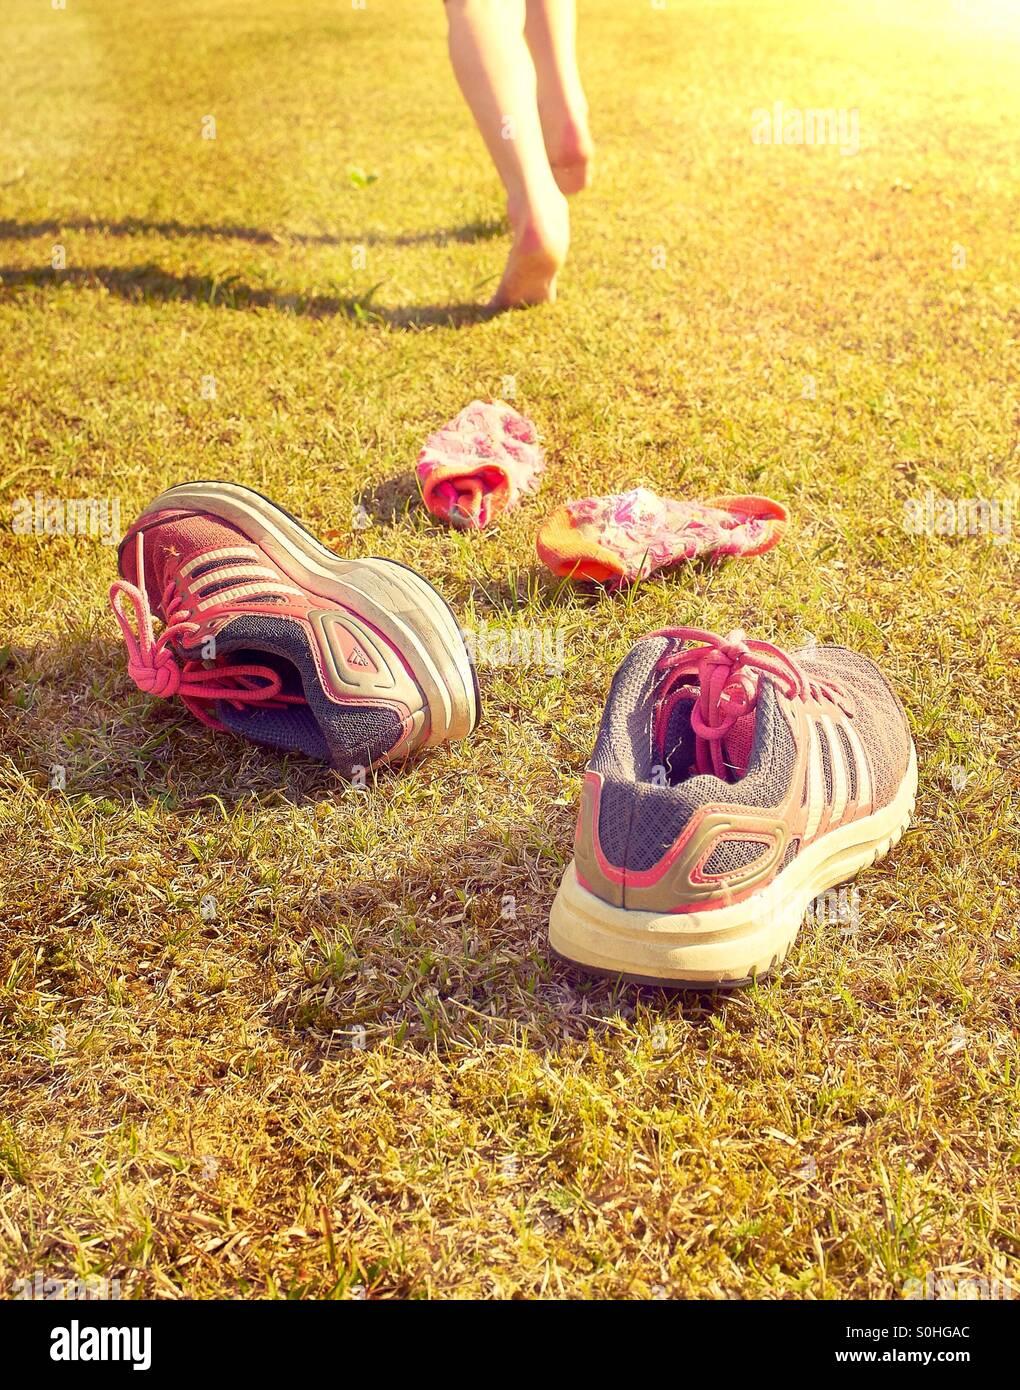 El verano ya está aquí - no hay necesidad de calcetines y zapatos Imagen De Stock